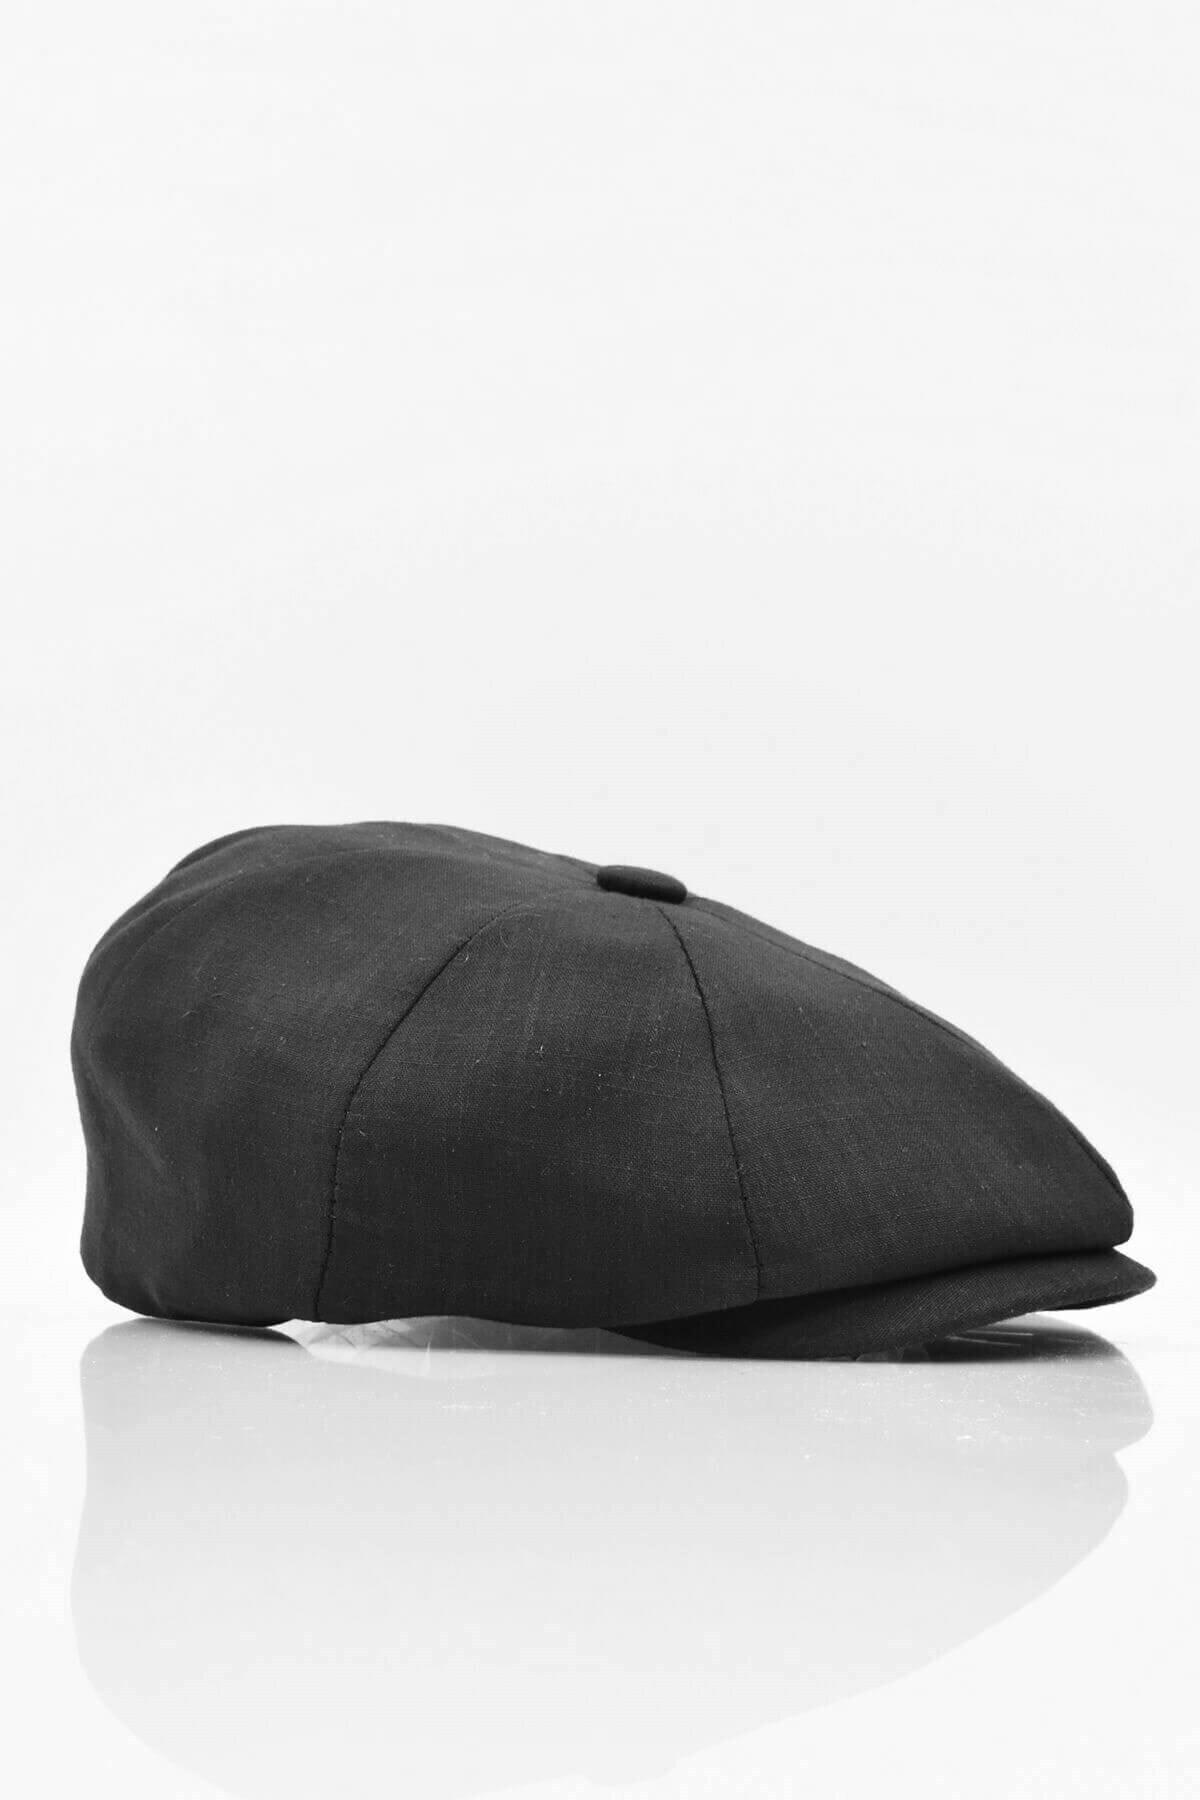 Külah Erkek %100 Pamuk Şapka Yazlık Ingiliz Stili London Kasket Siyah